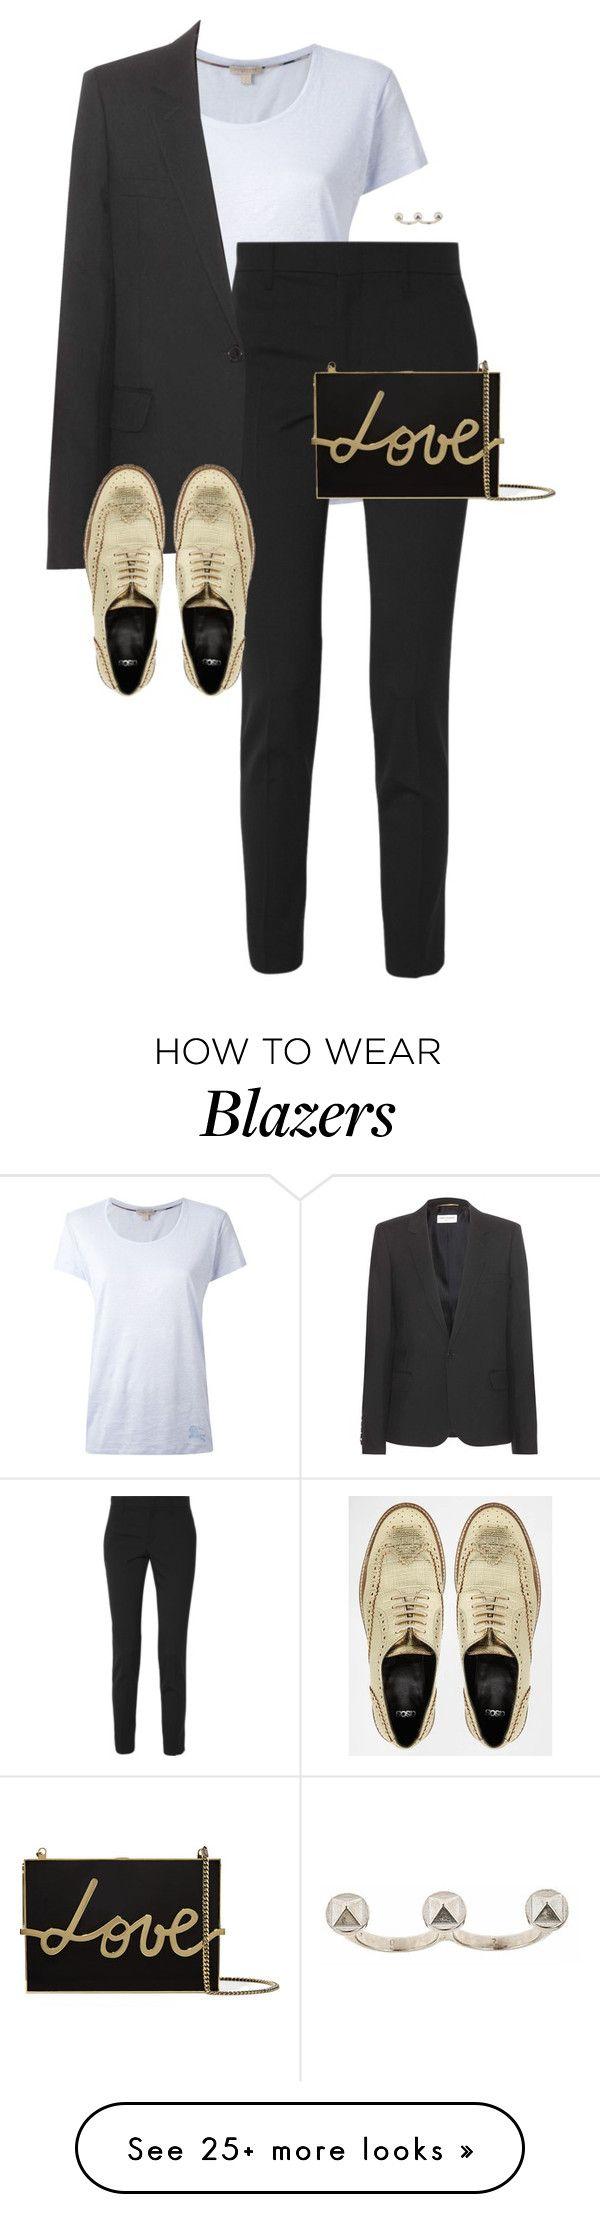 Oltre 25 fantastiche idee su Consigli sulla moda su ...